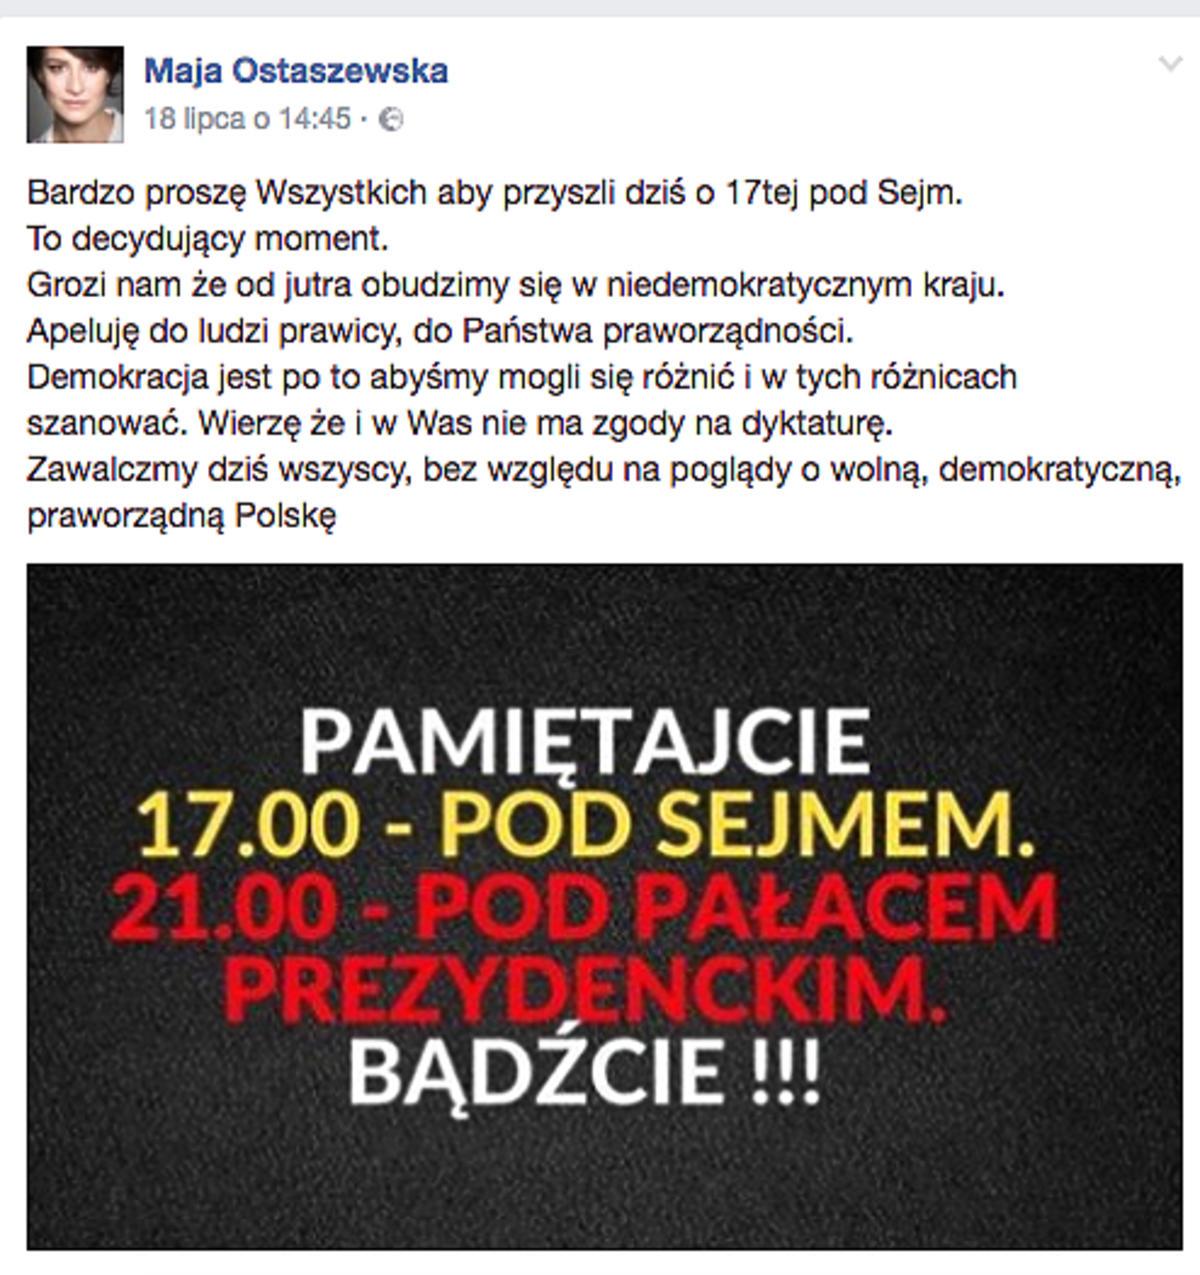 post Mai Ostaszewskiej